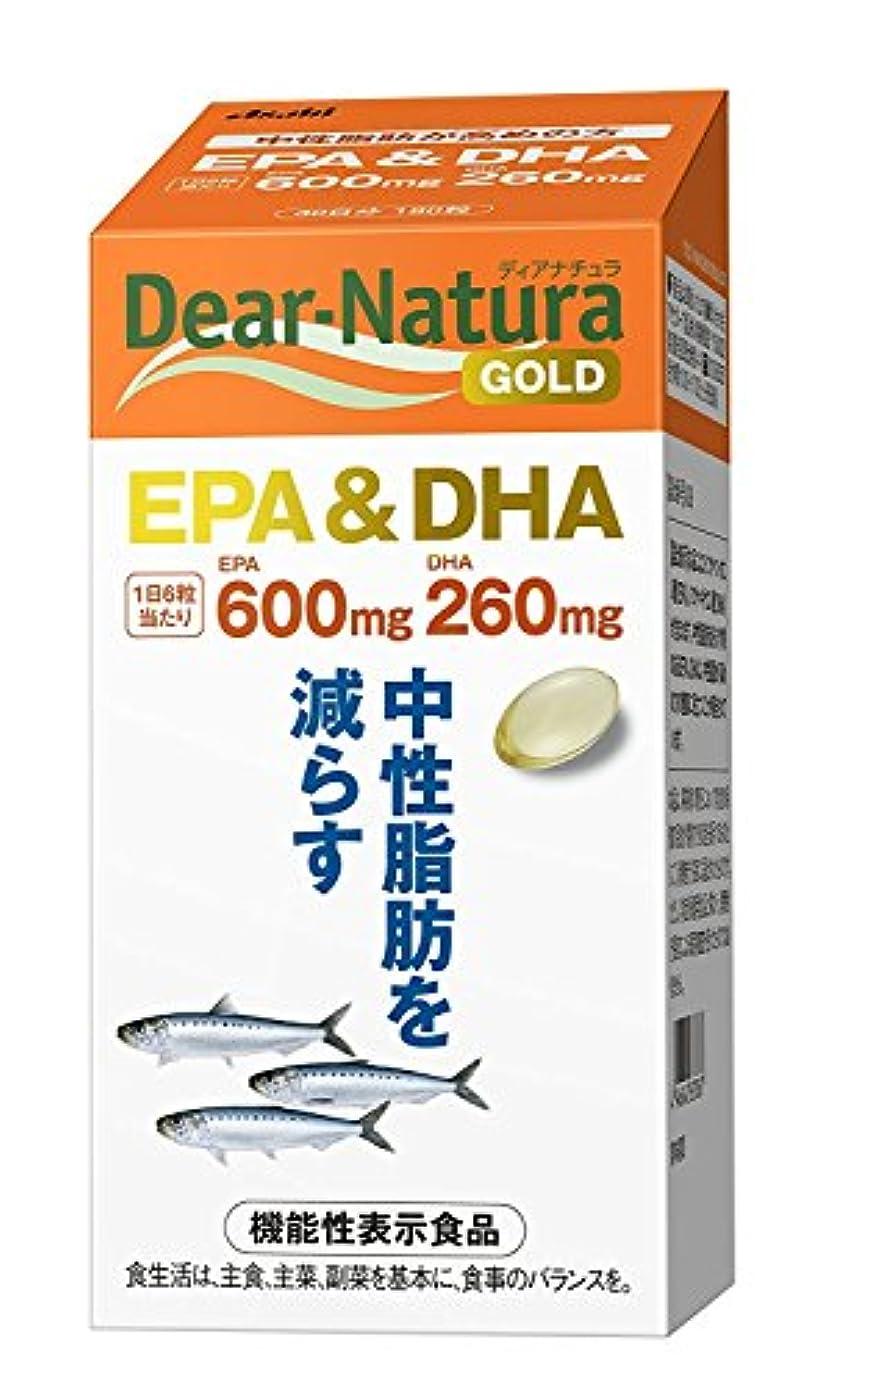 フェローシップかもしれない悪性腫瘍【210粒】ディアナチュラゴールド EPA&DHA [機能性表示食品] 30日分+5日分 (180粒+30粒)x2個 4946842637867-2